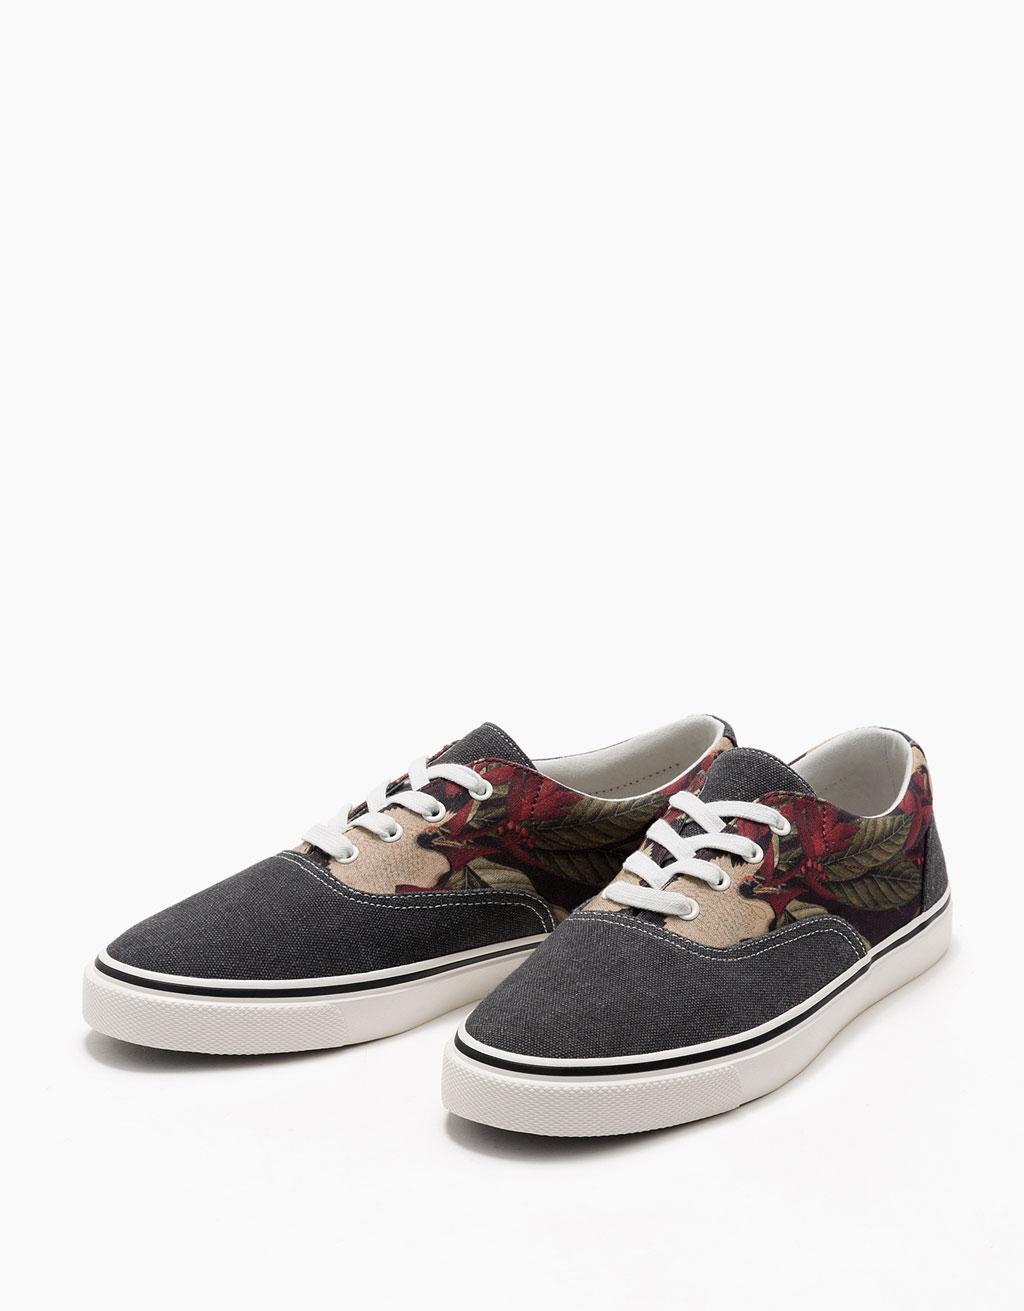 Men's floral print fabric sneakers